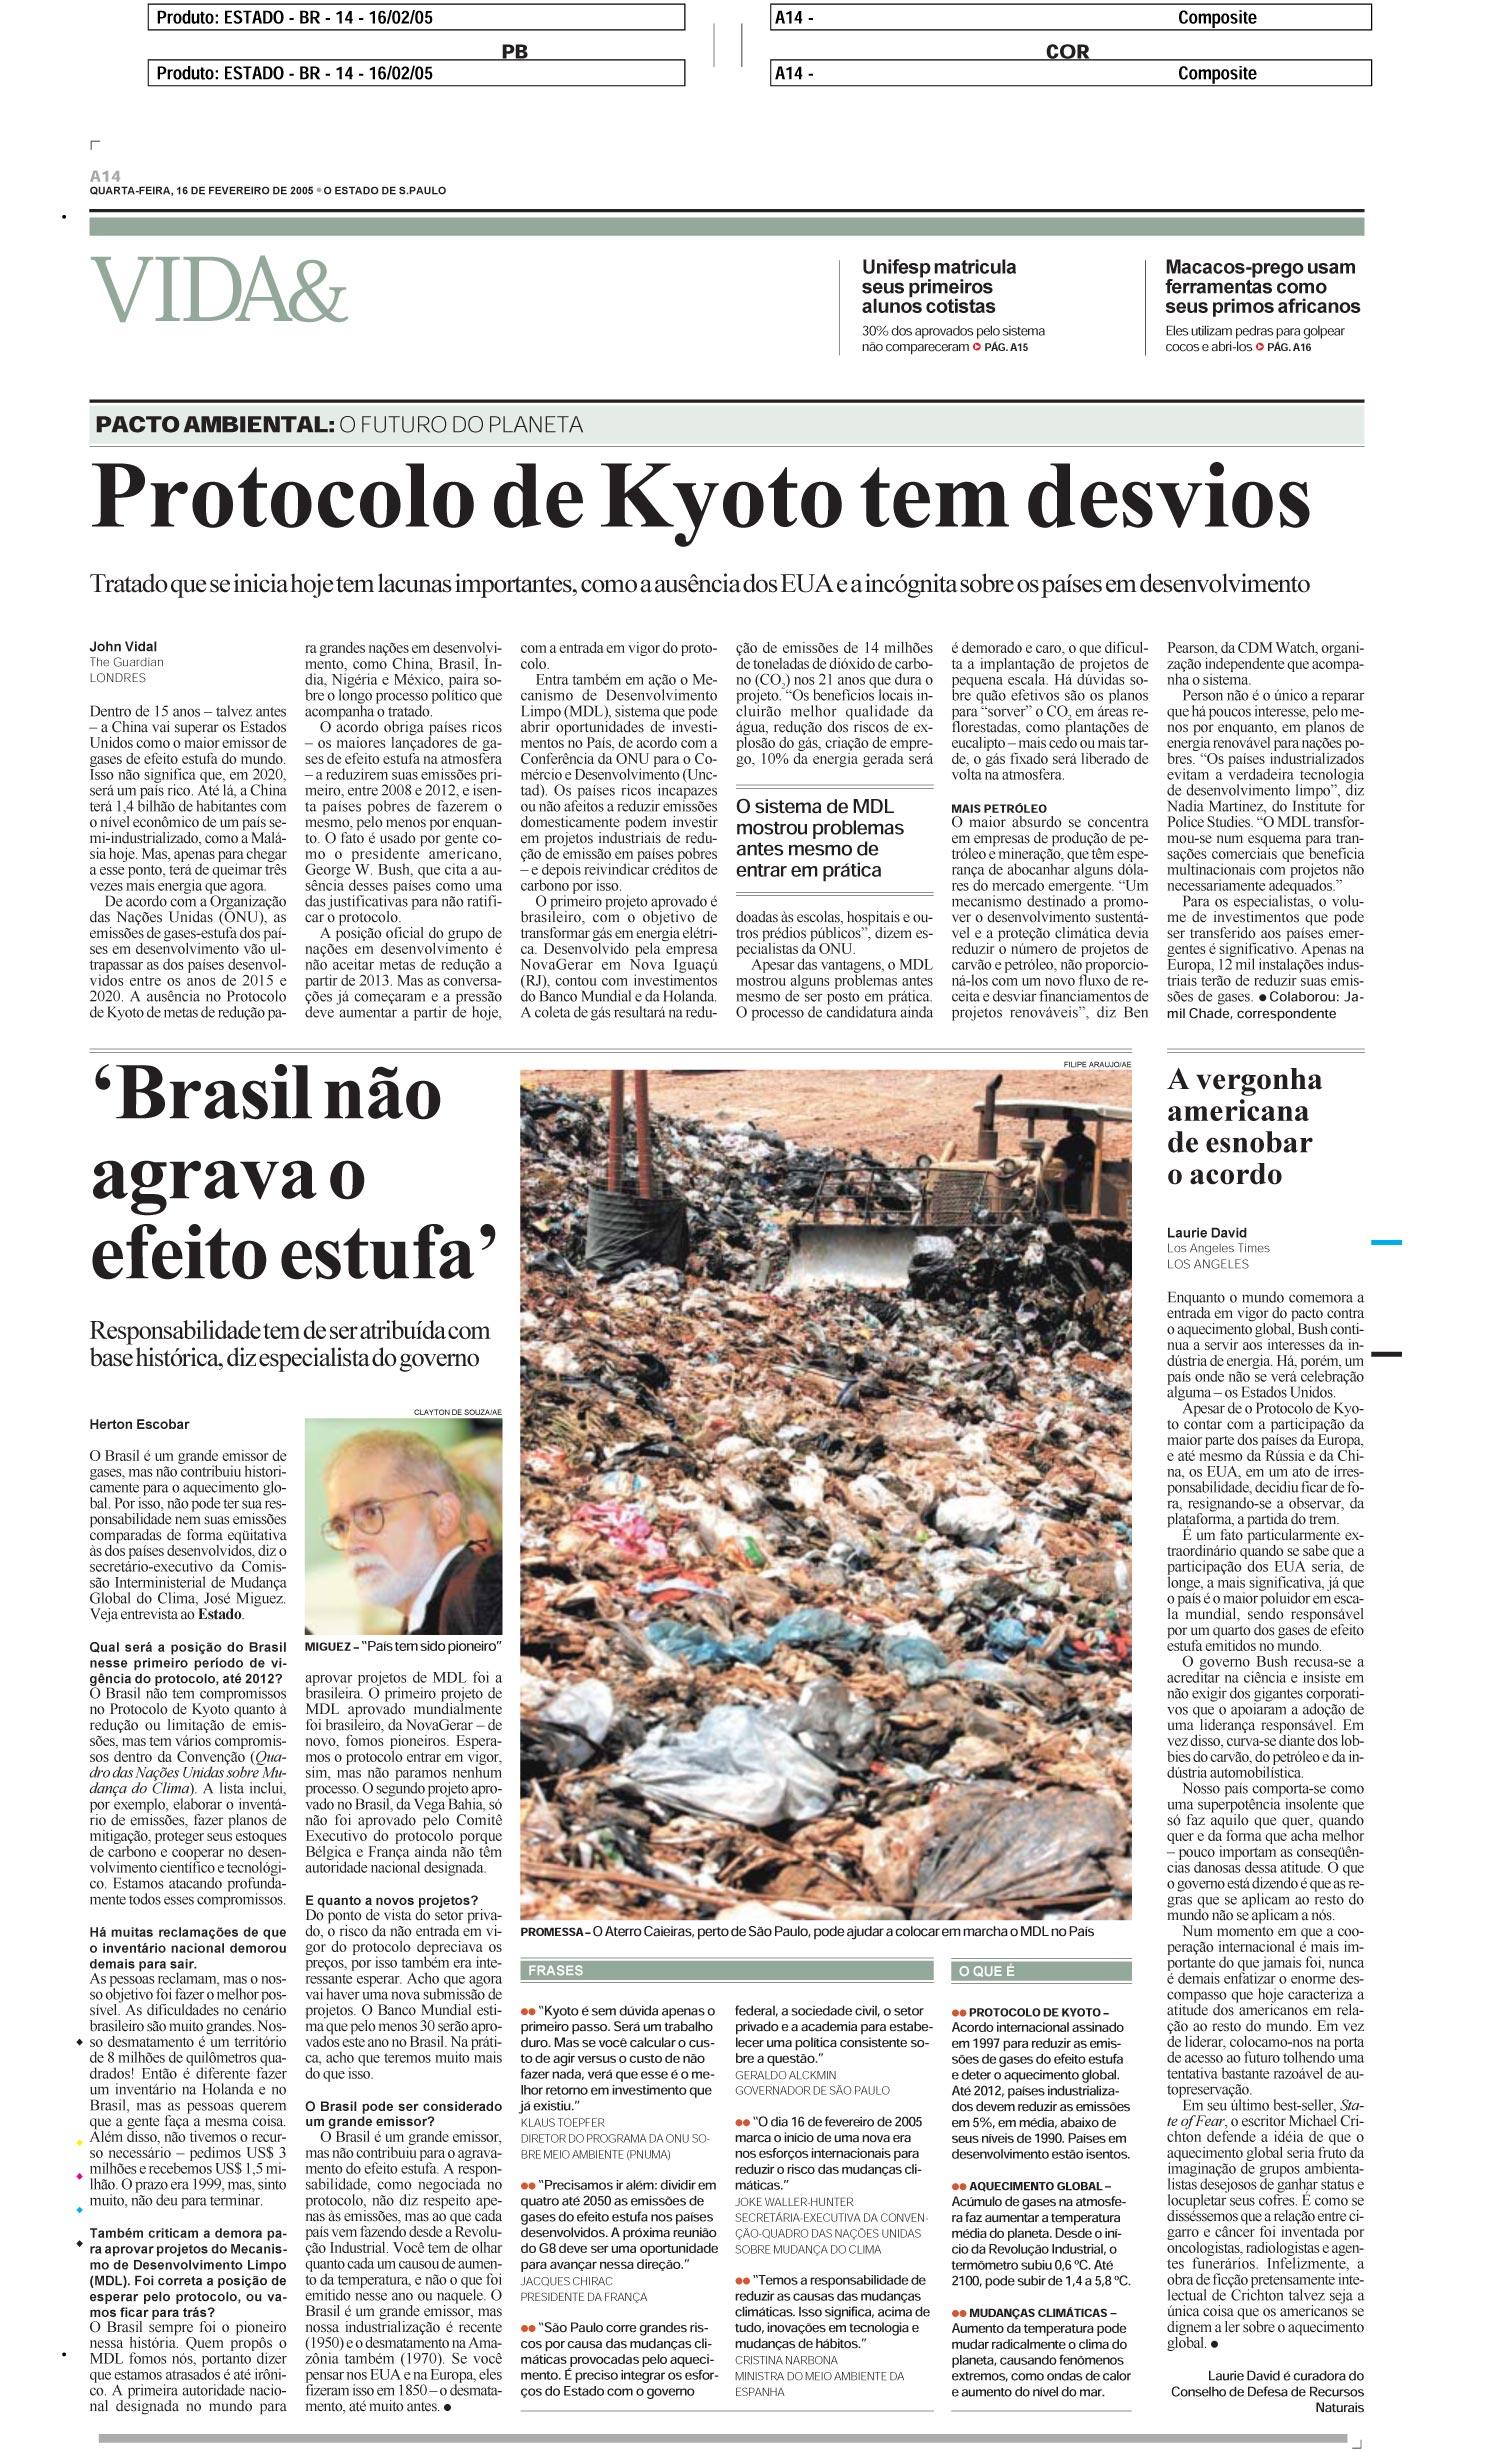 Brasil não agrava o efeito estufa